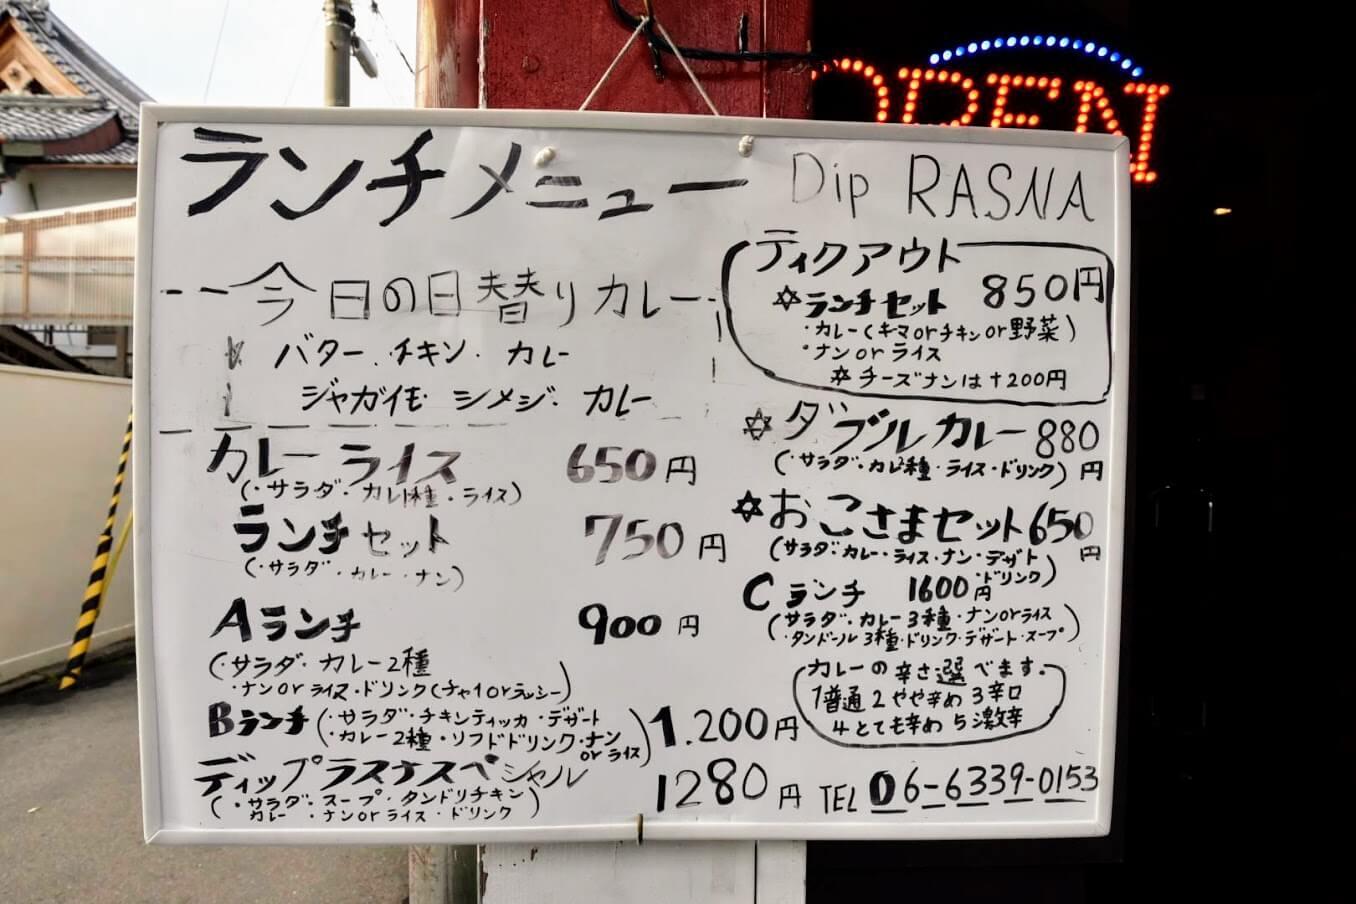 ディップ ラスナ 吹田店のメニュー表